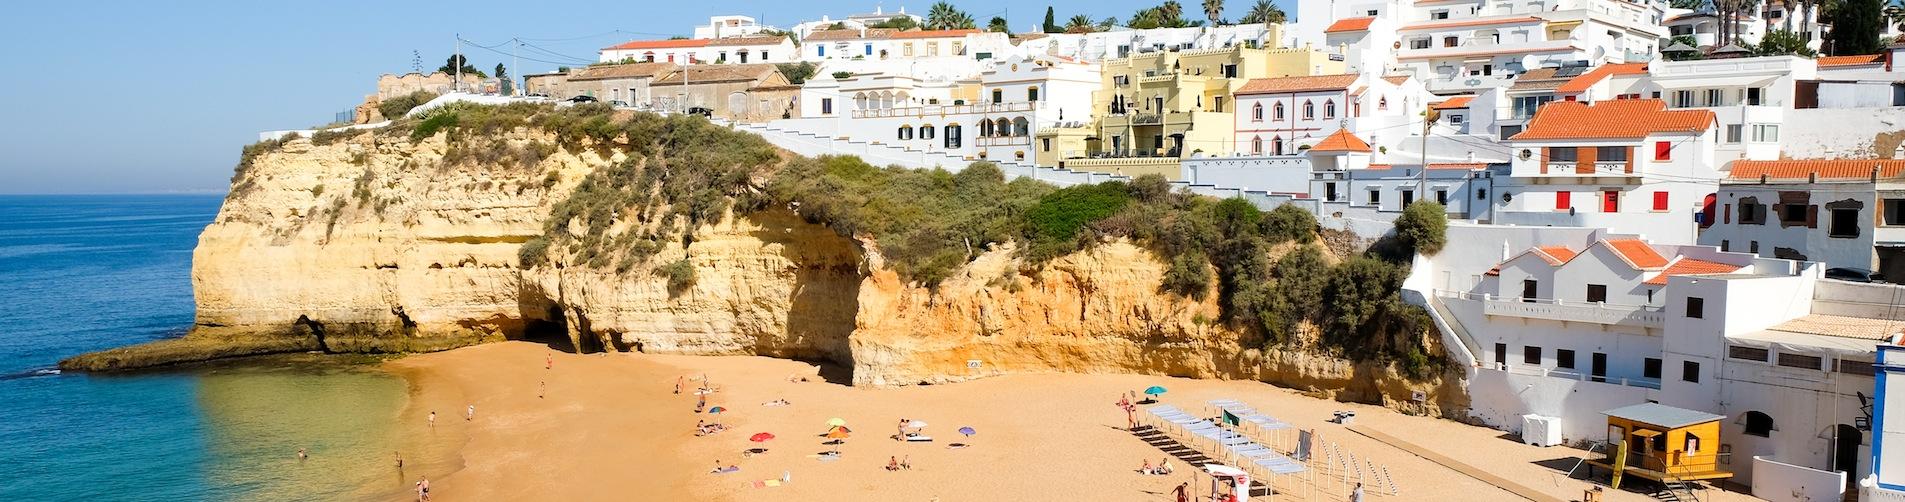 Le sud de l'Algarve